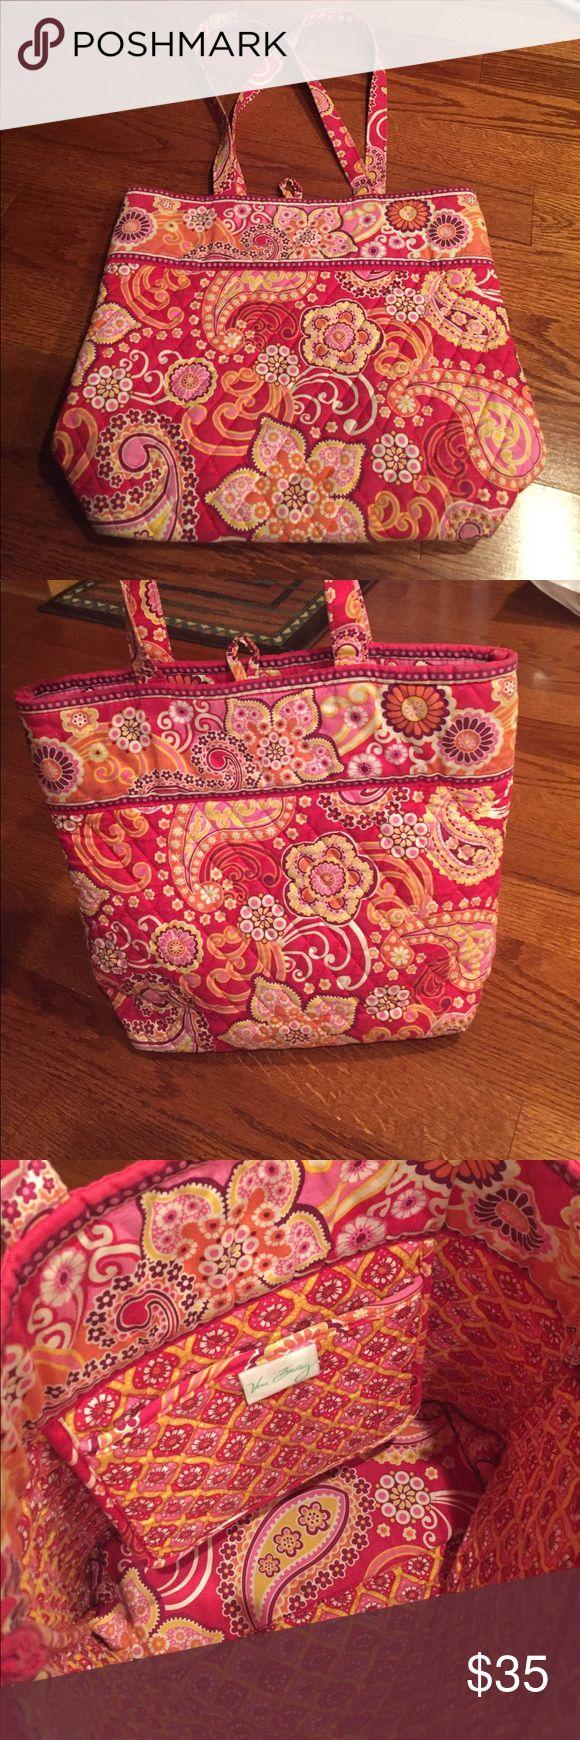 VERA BRADLEY TOTE Gorgeous Vera Bradley tote bag Vera Bradley Bags Totes